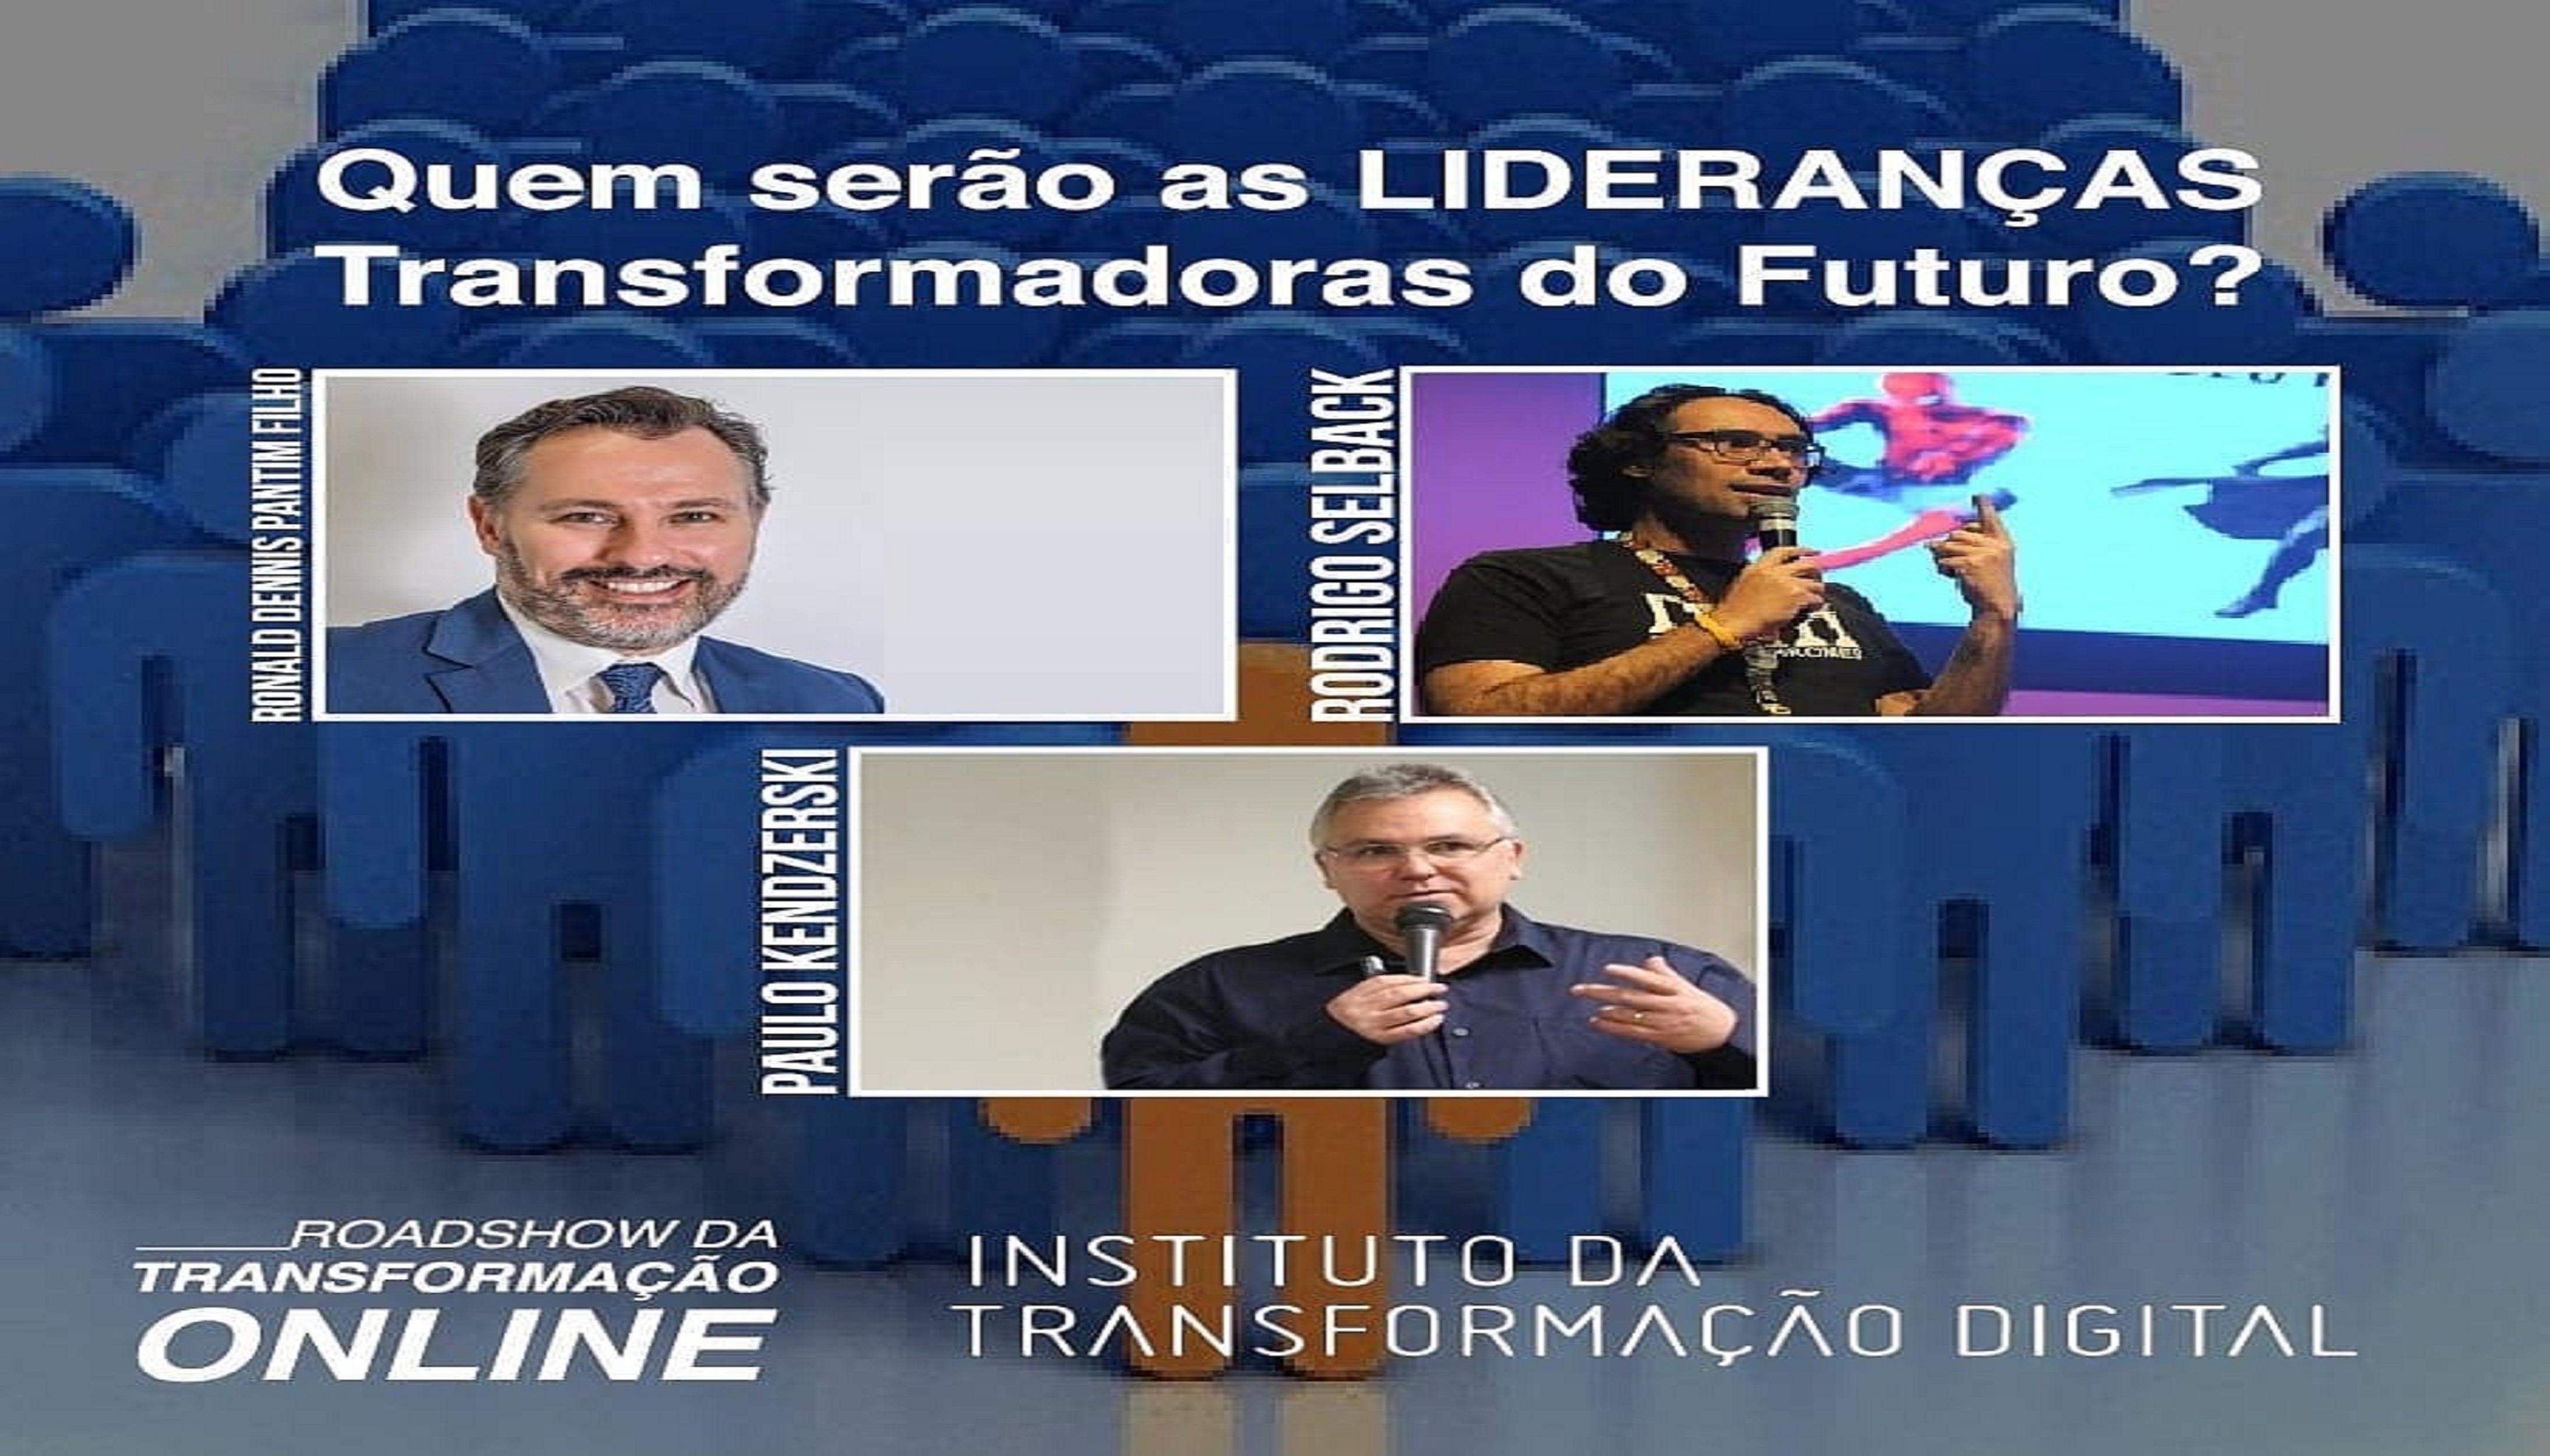 Quem serão as Lideranças Transformadoras do Futuro?